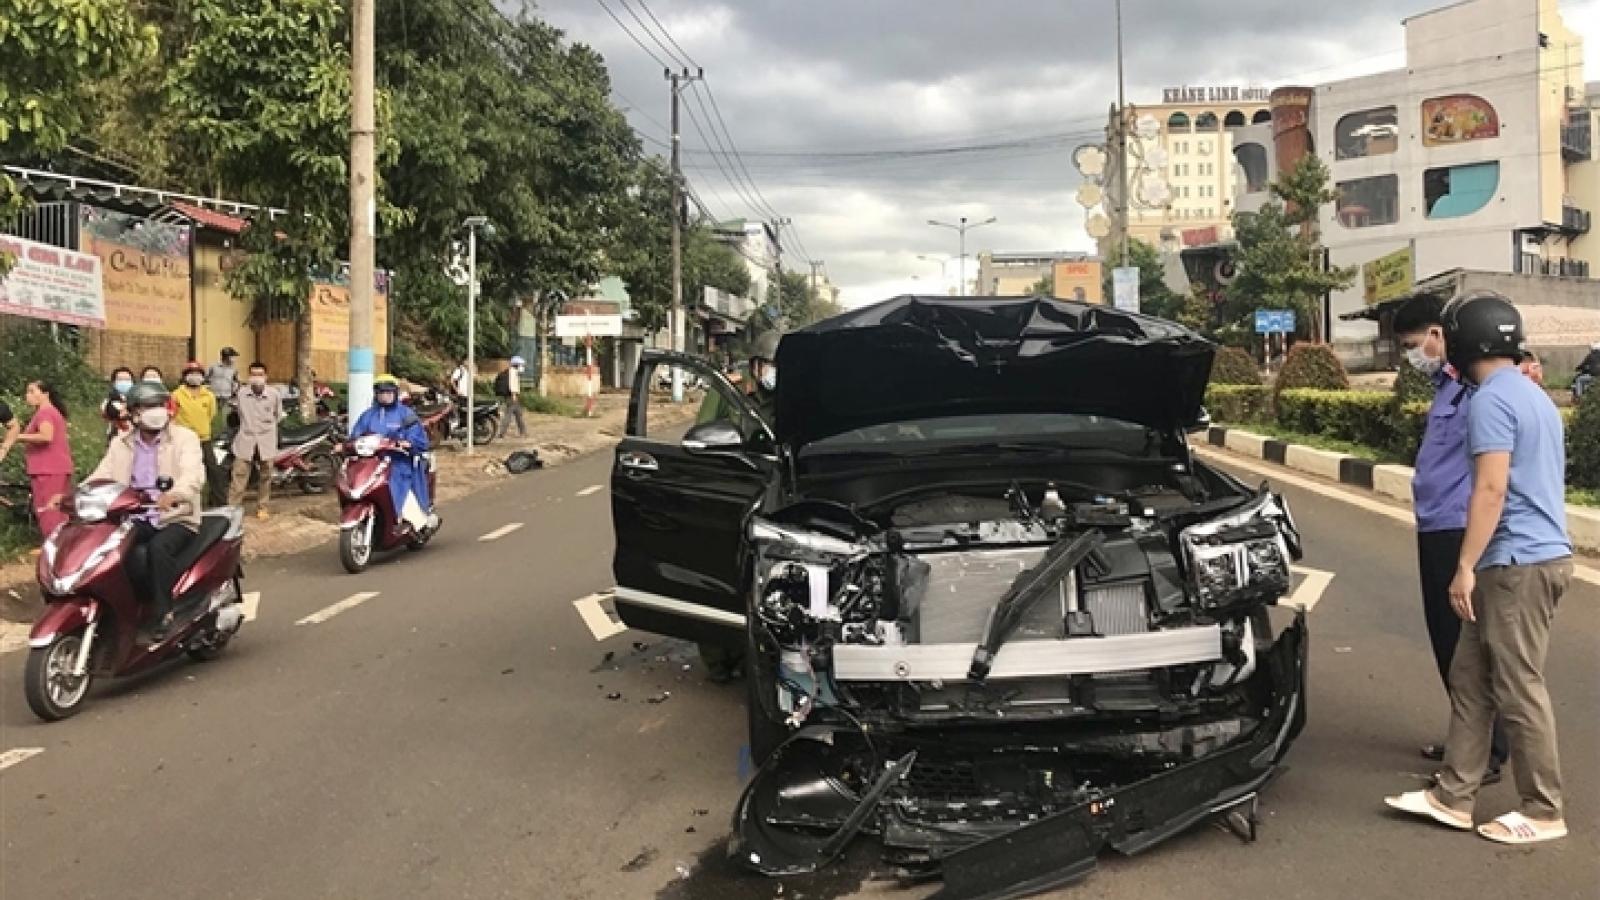 Vụ tông xe nổ súng ở Gia Lai: Xuất phát từ mâu thuẫn nợ nần